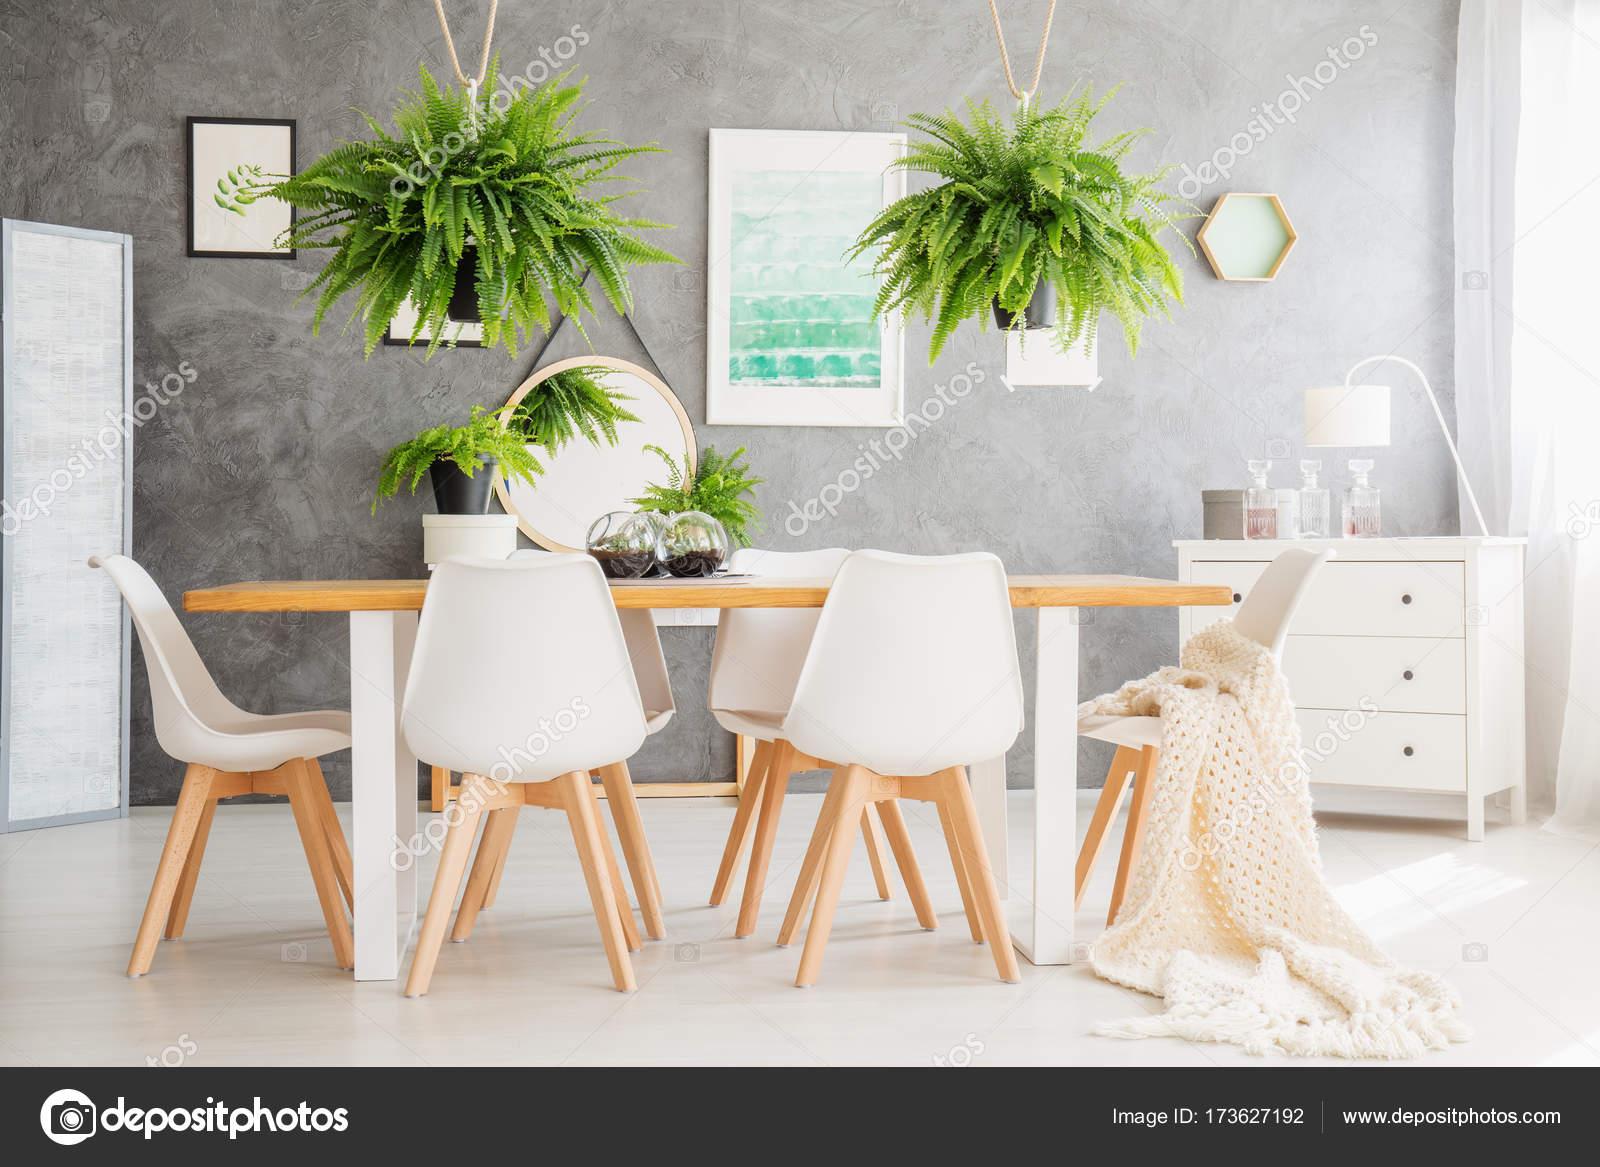 Wunderbar Weisse Stühle Das Beste Von Farne über Tisch Und Weiße Stühle Im